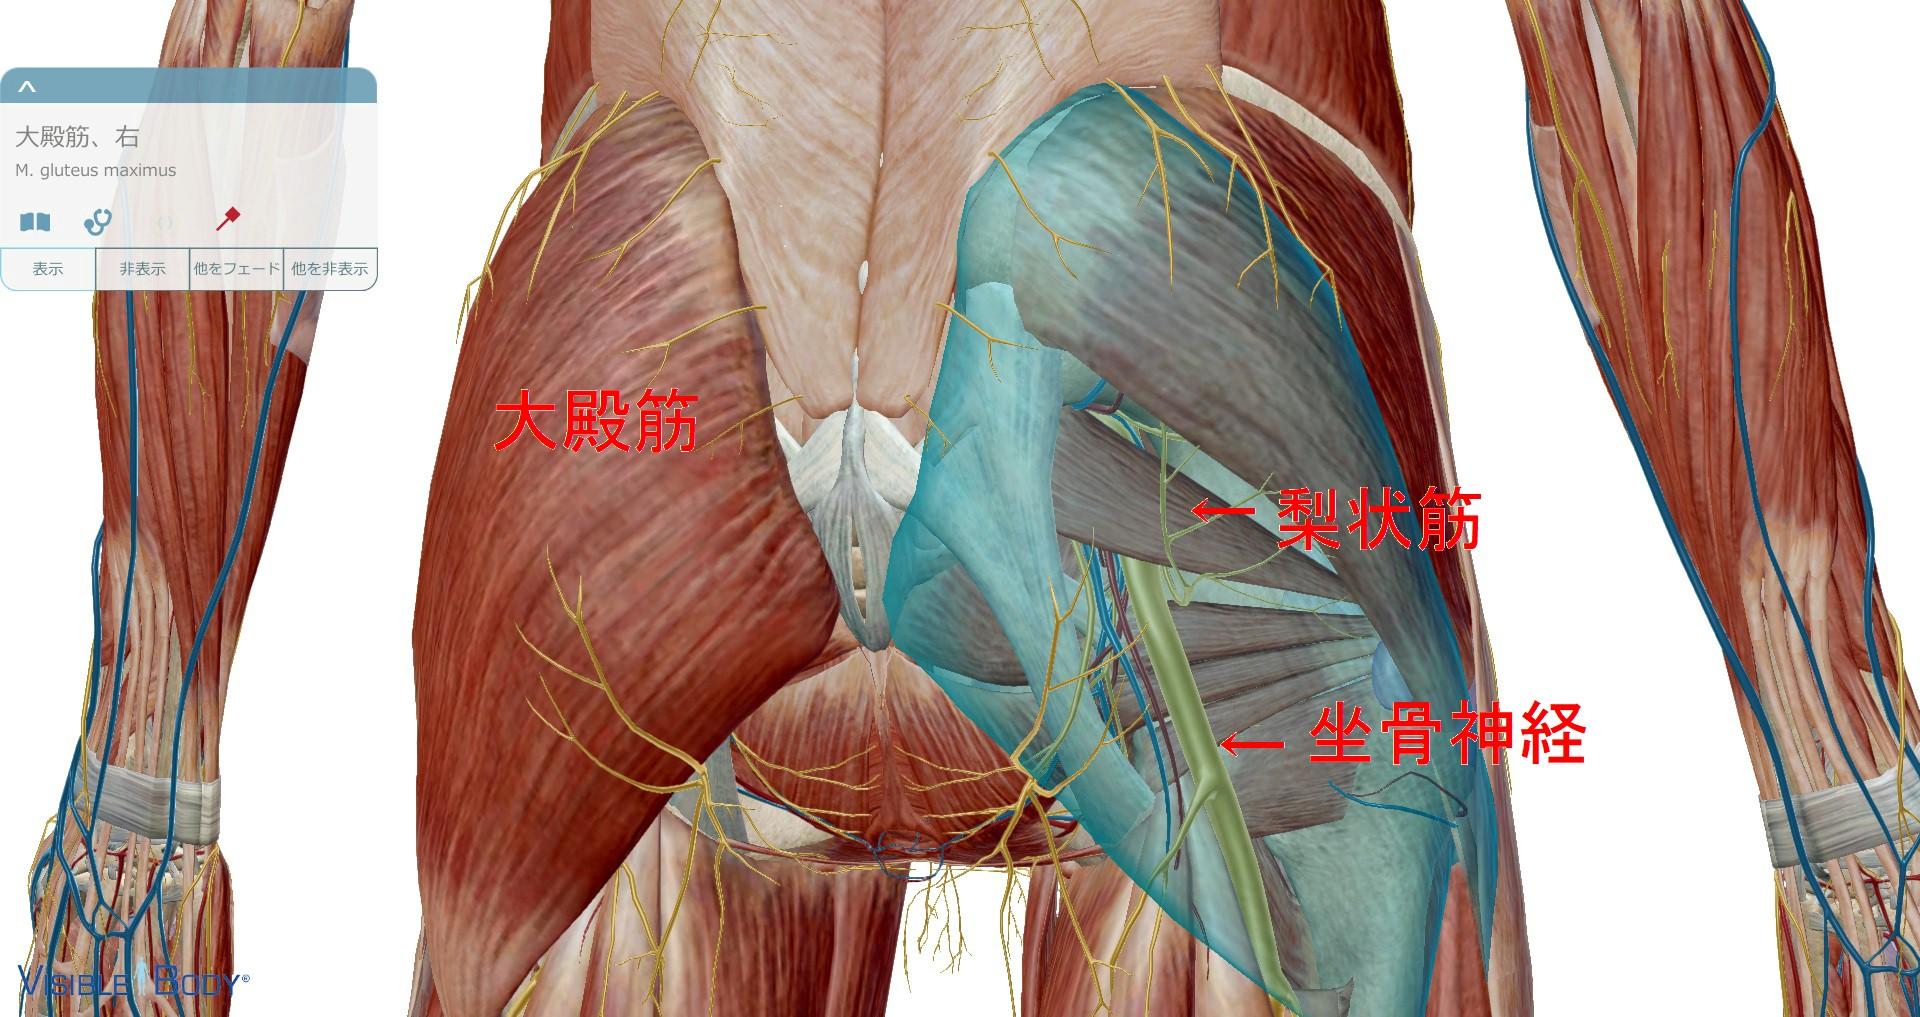 梨状筋解剖